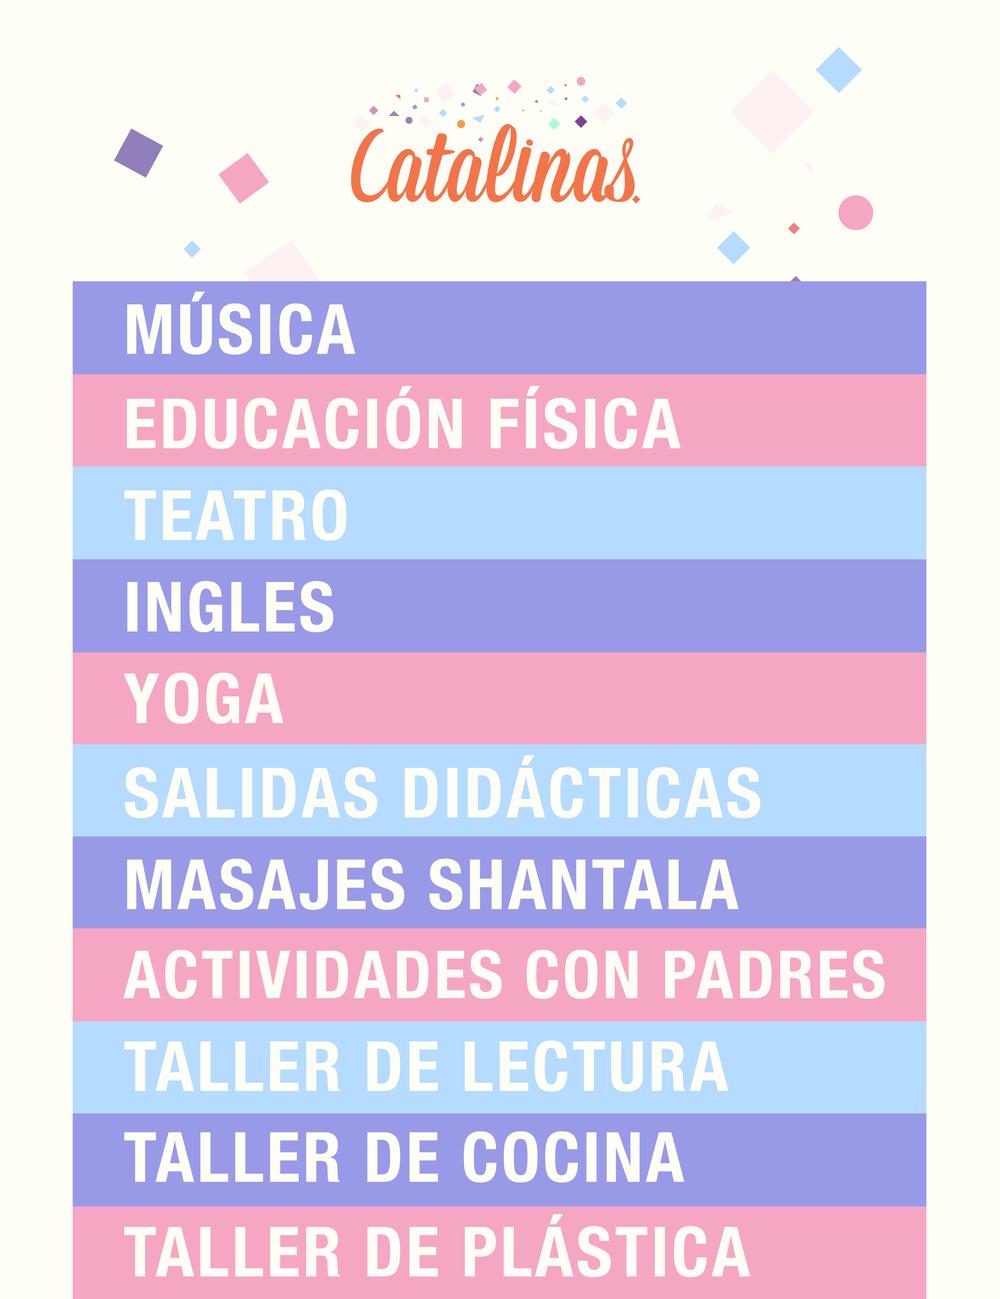 Jardin_maternal_catalinas_actividades